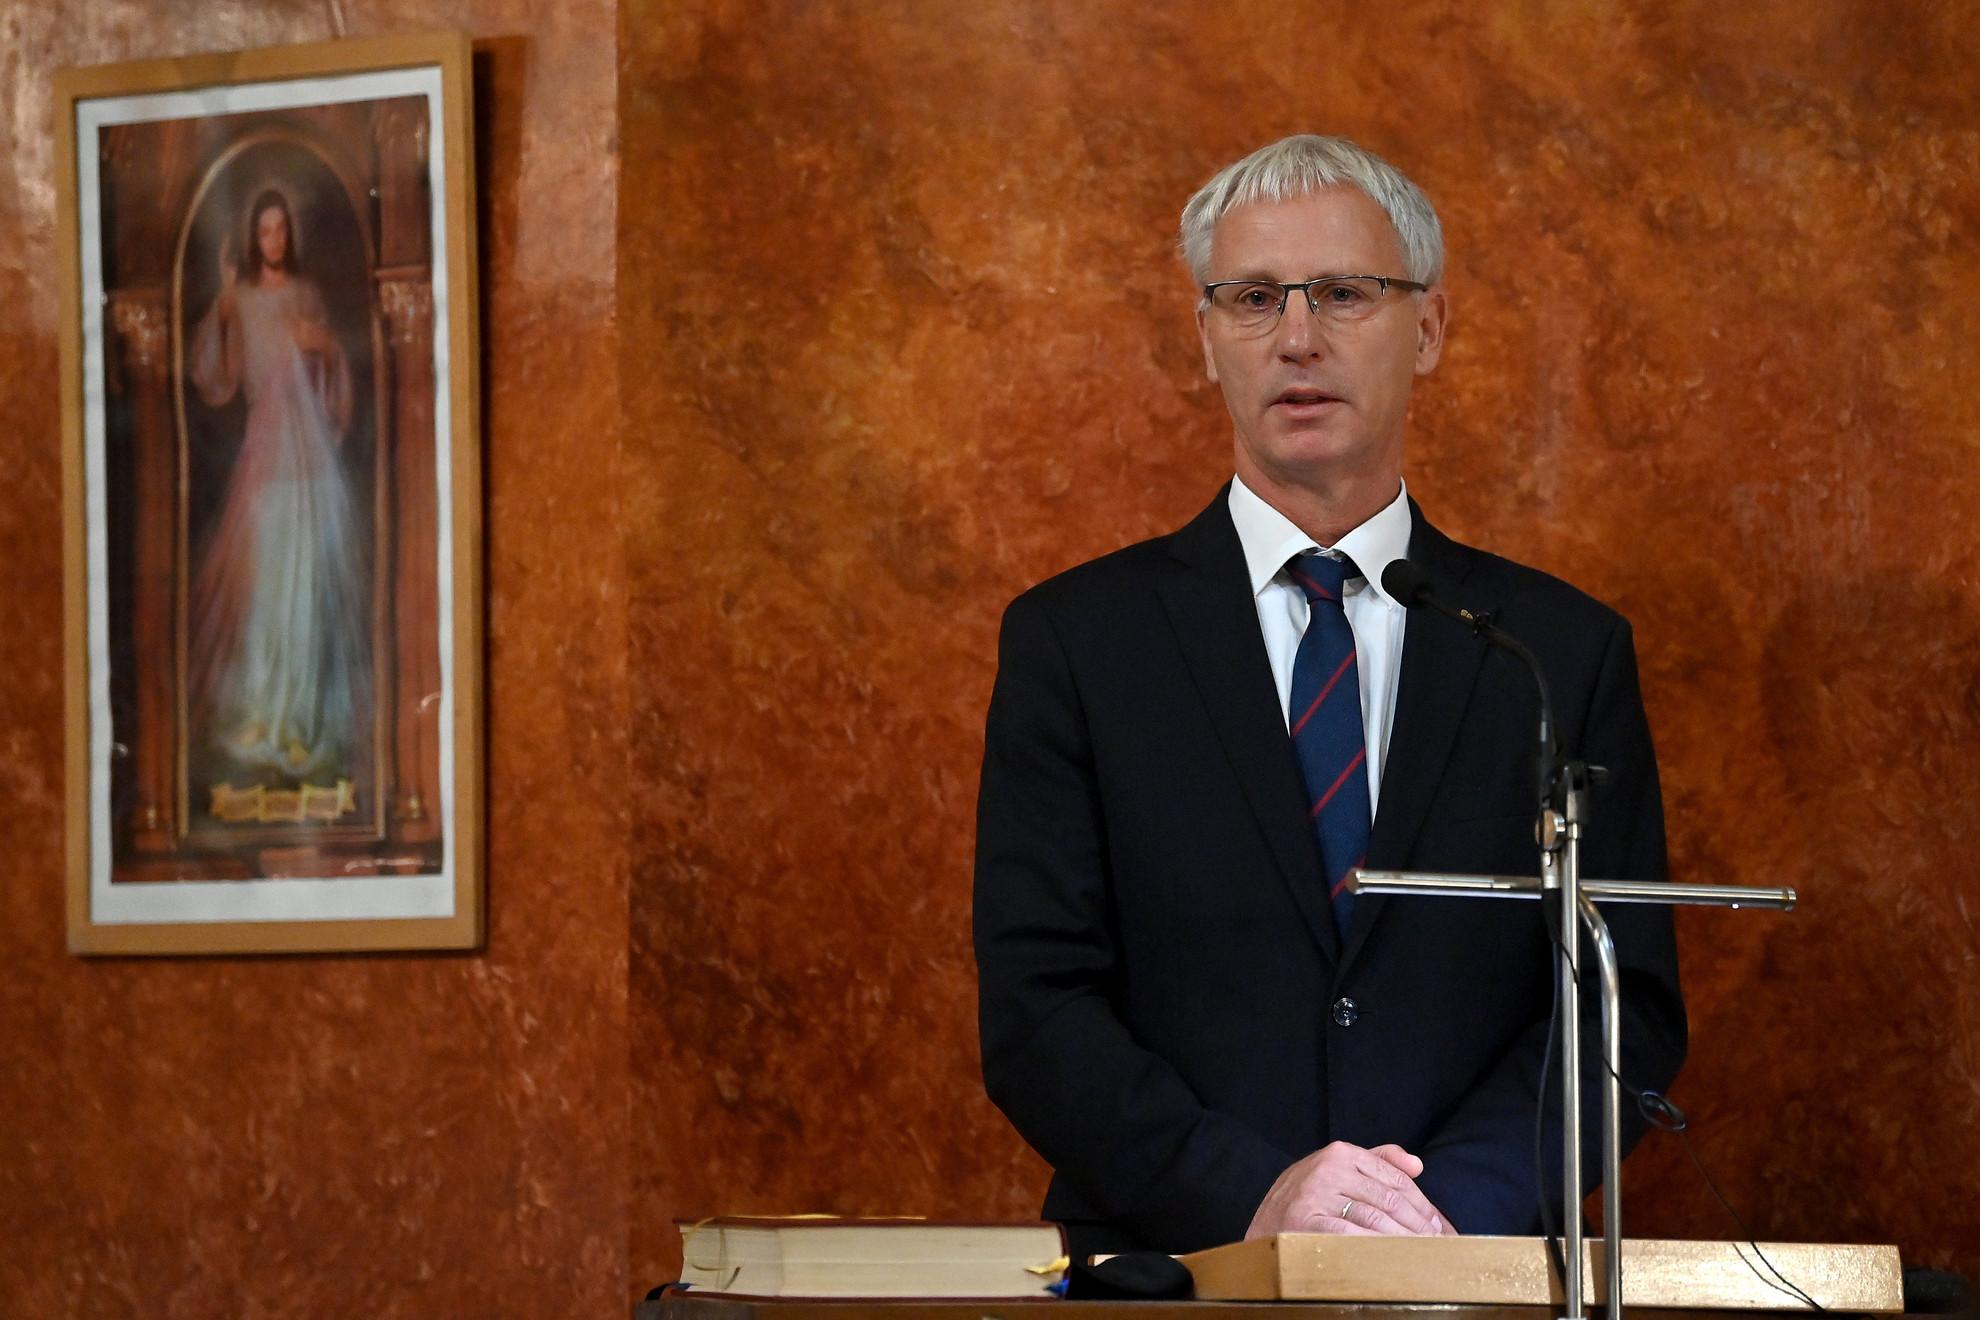 Soltész Miklós, a Miniszterelnökség egyházi és nemzetiségi kapcsolatokért felelős államtitkára beszédet mond